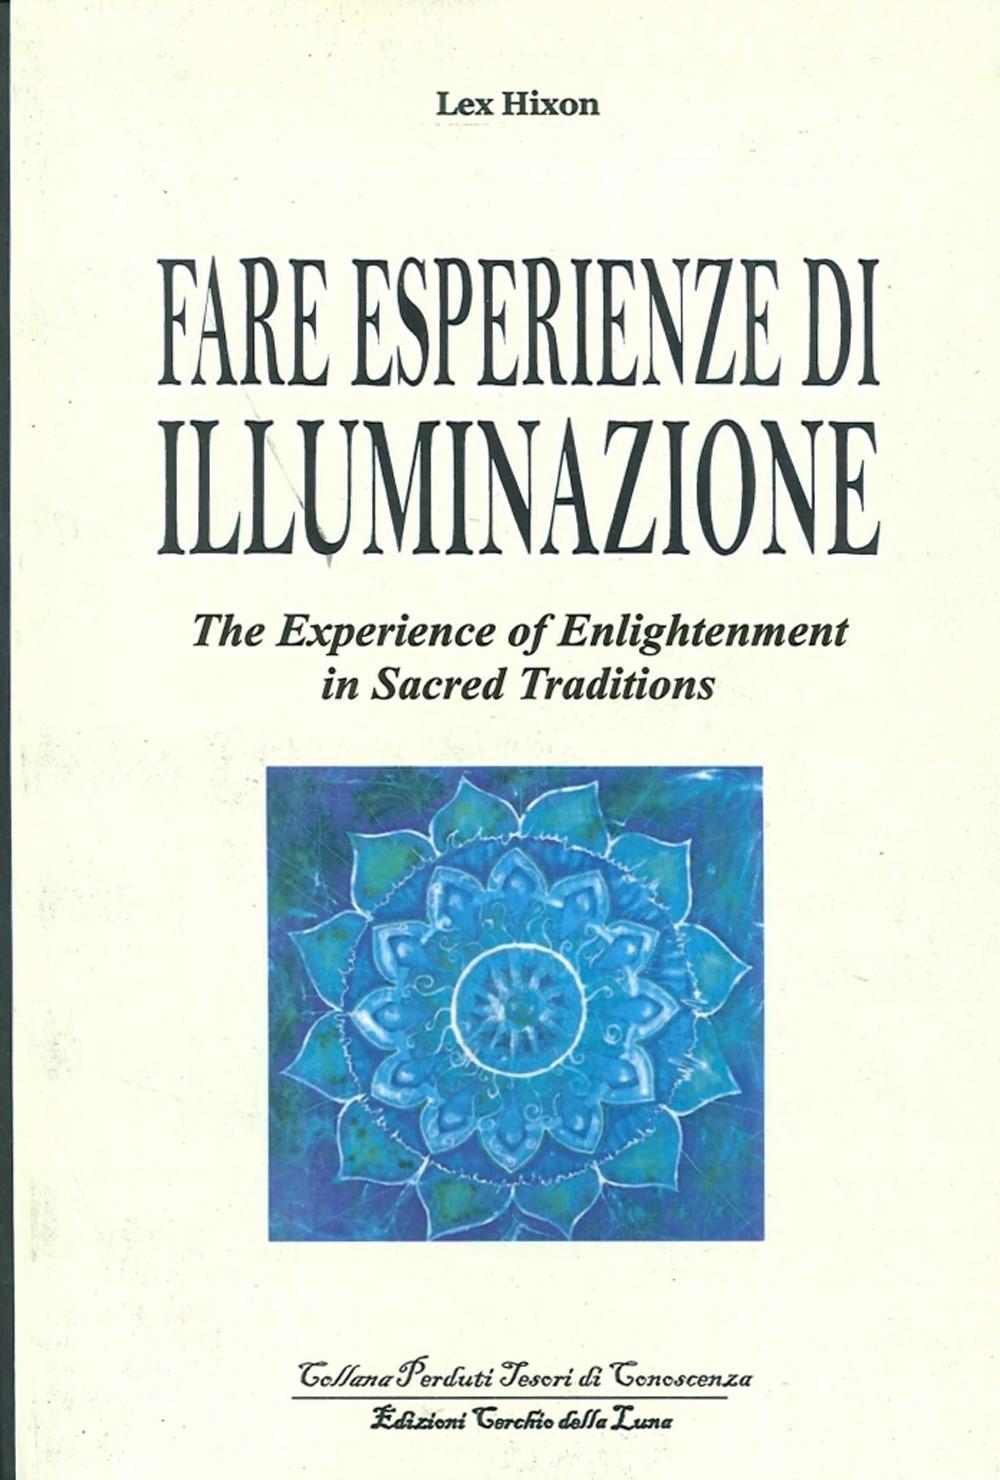 Fare Esperienze di Meditazione. The Experience of Enlightenment in Sacred Traditions.